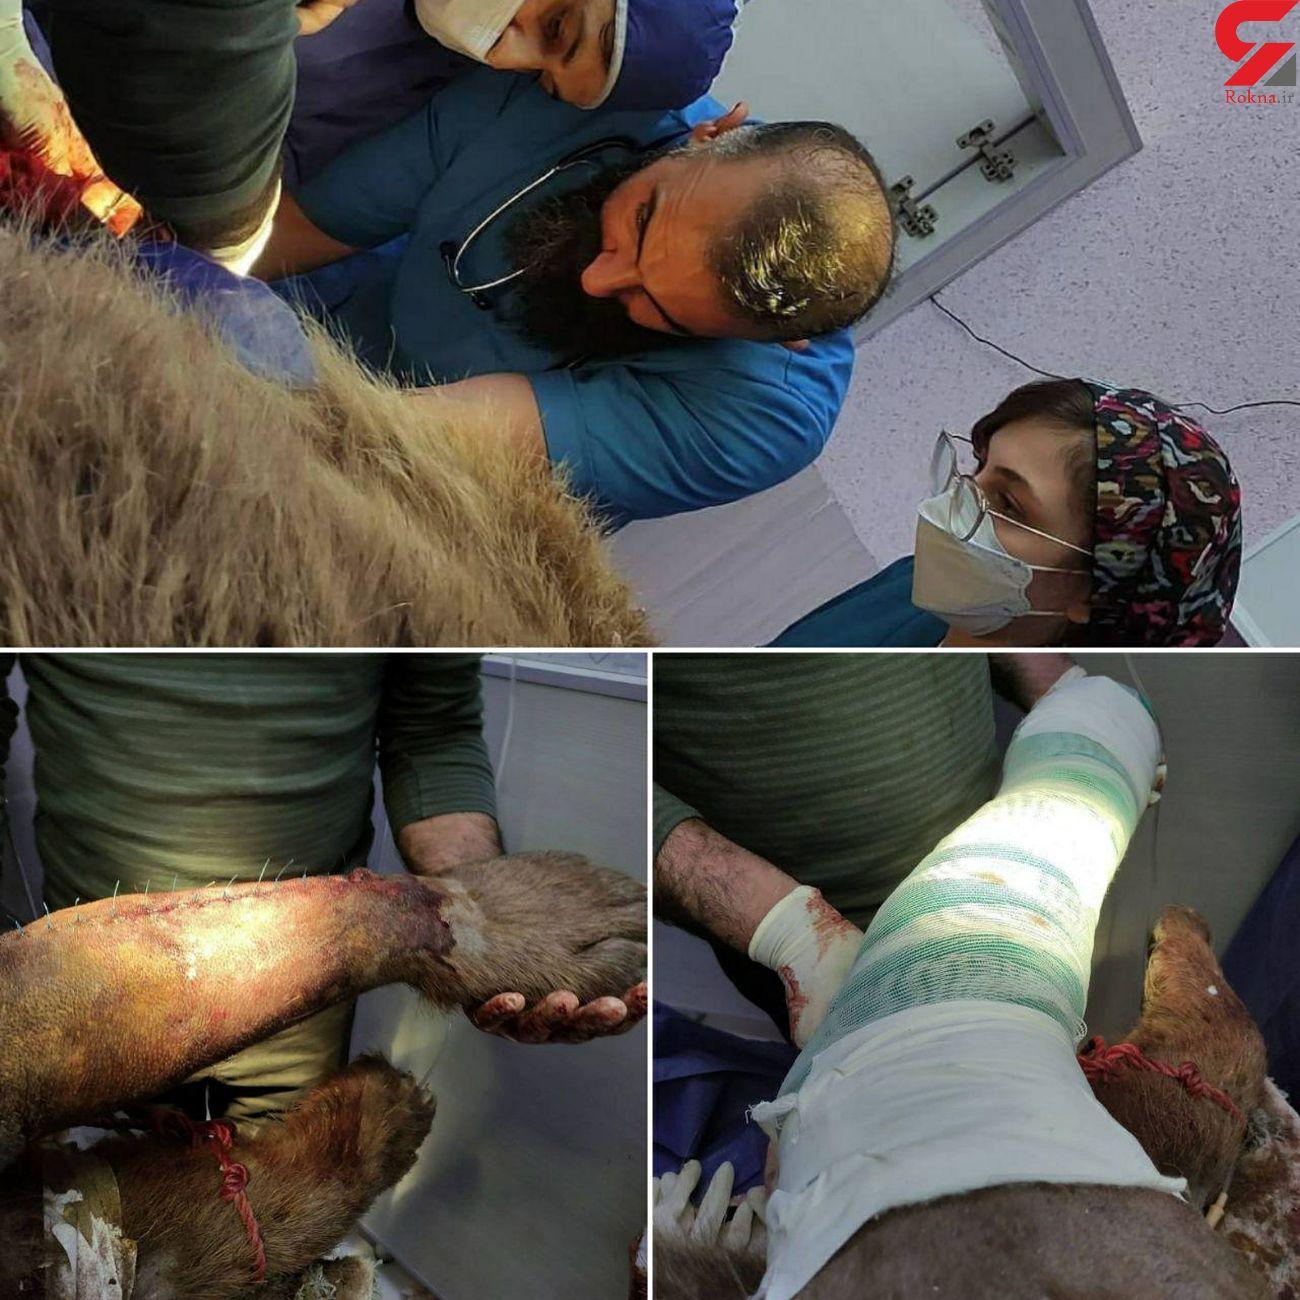 آخرین وضعیت جسمانی خرس قهوهای آسیبدیده در کرمانشاه